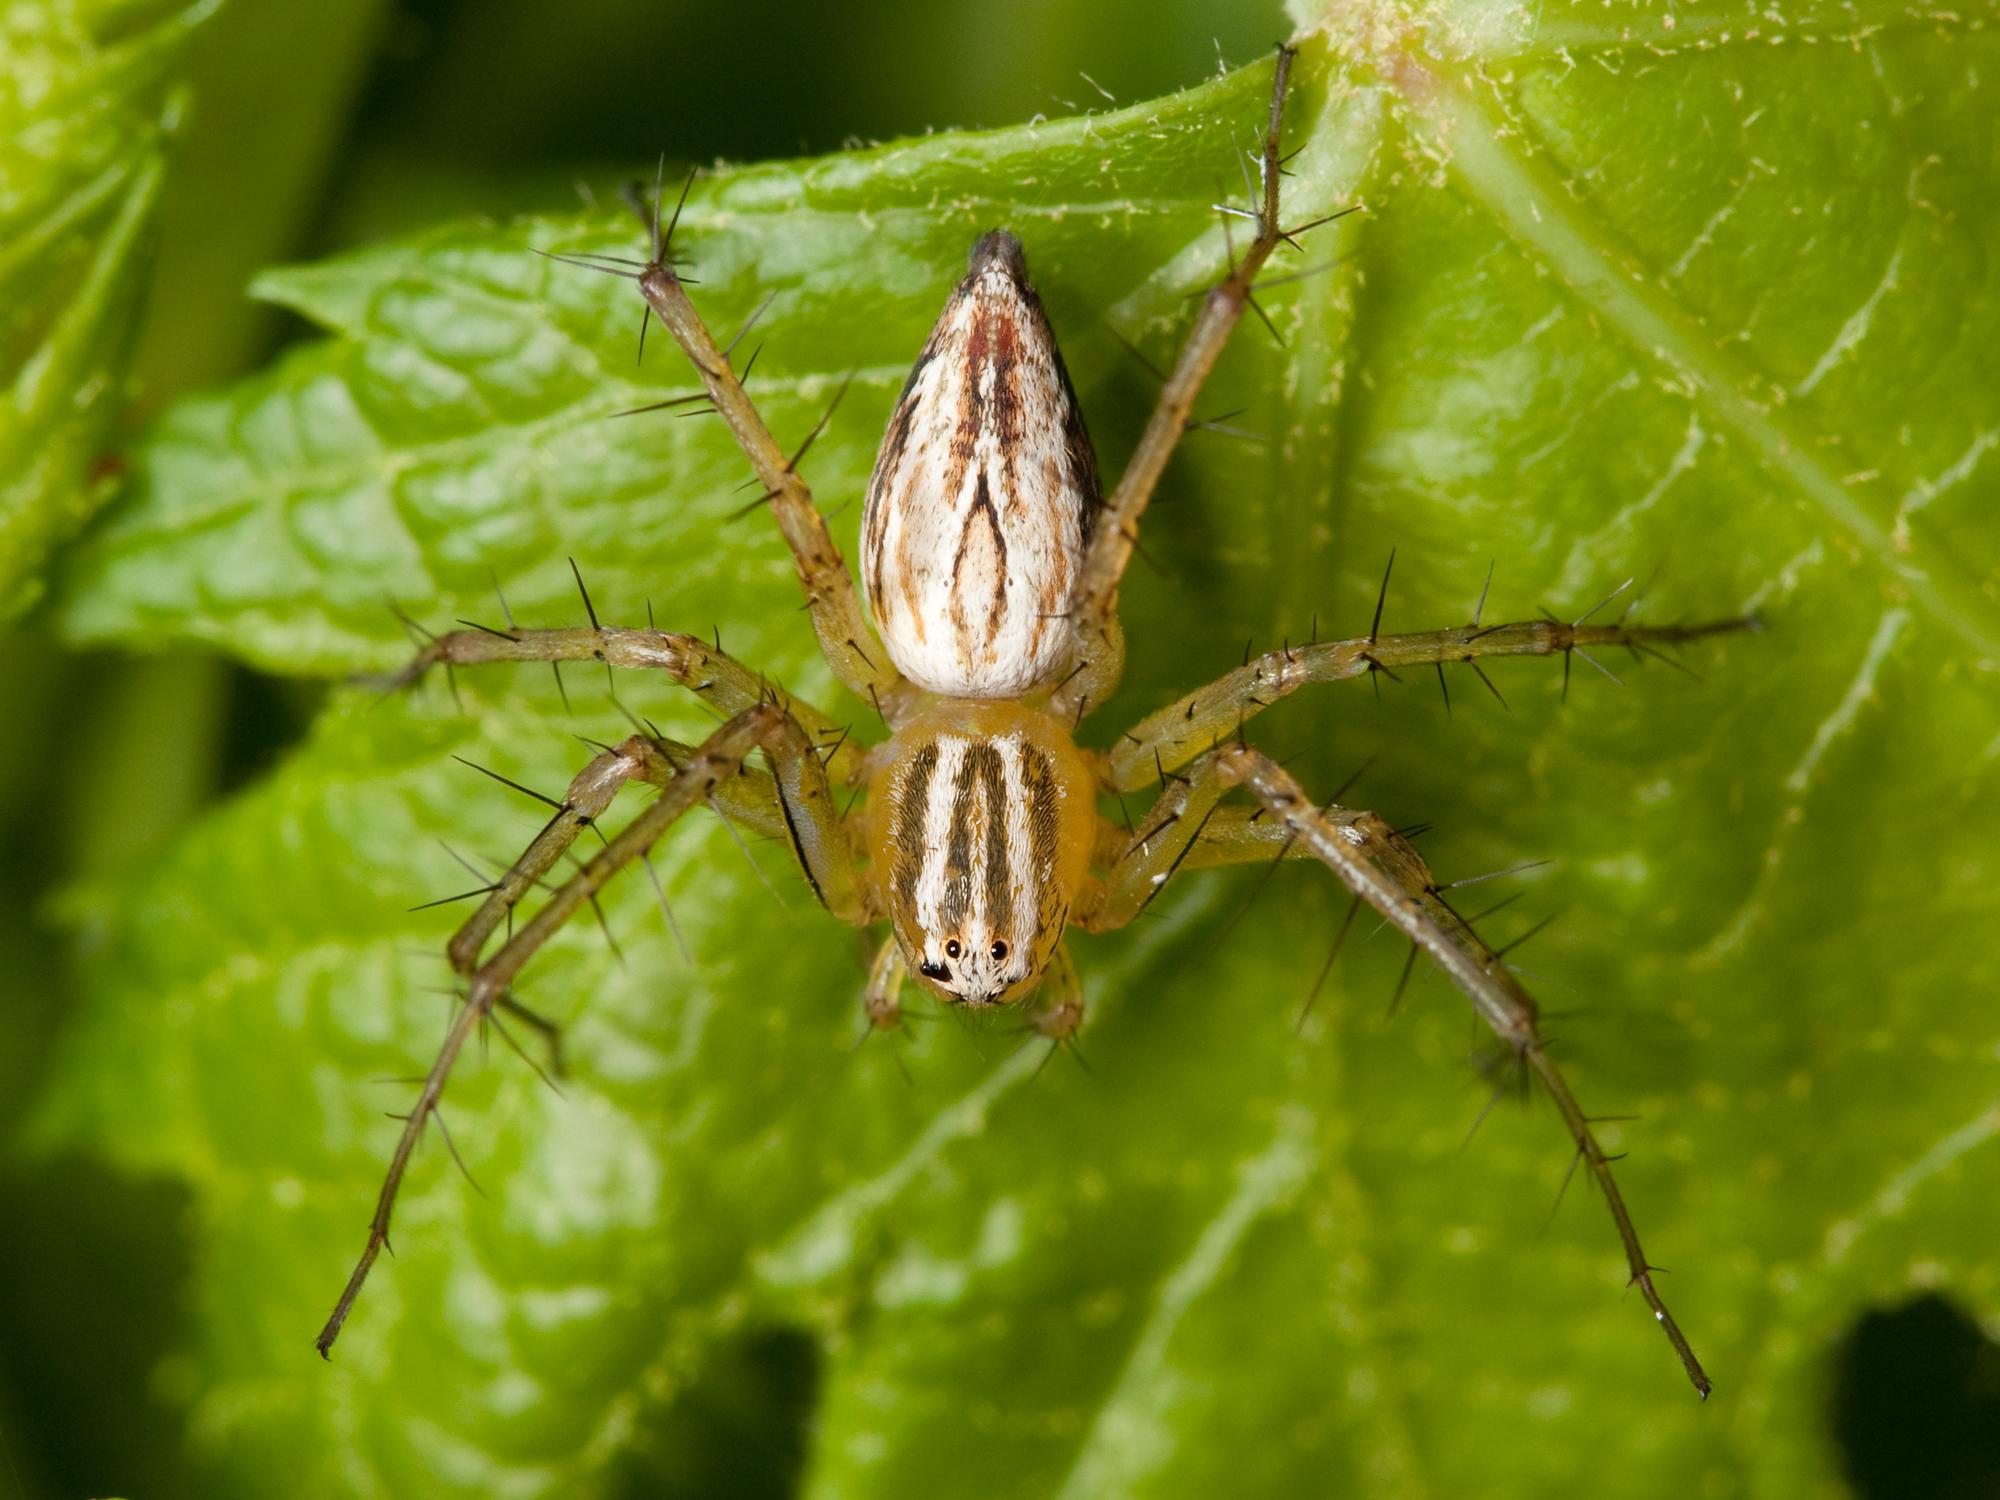 Si tenés arañas en tu jardin, entrá..